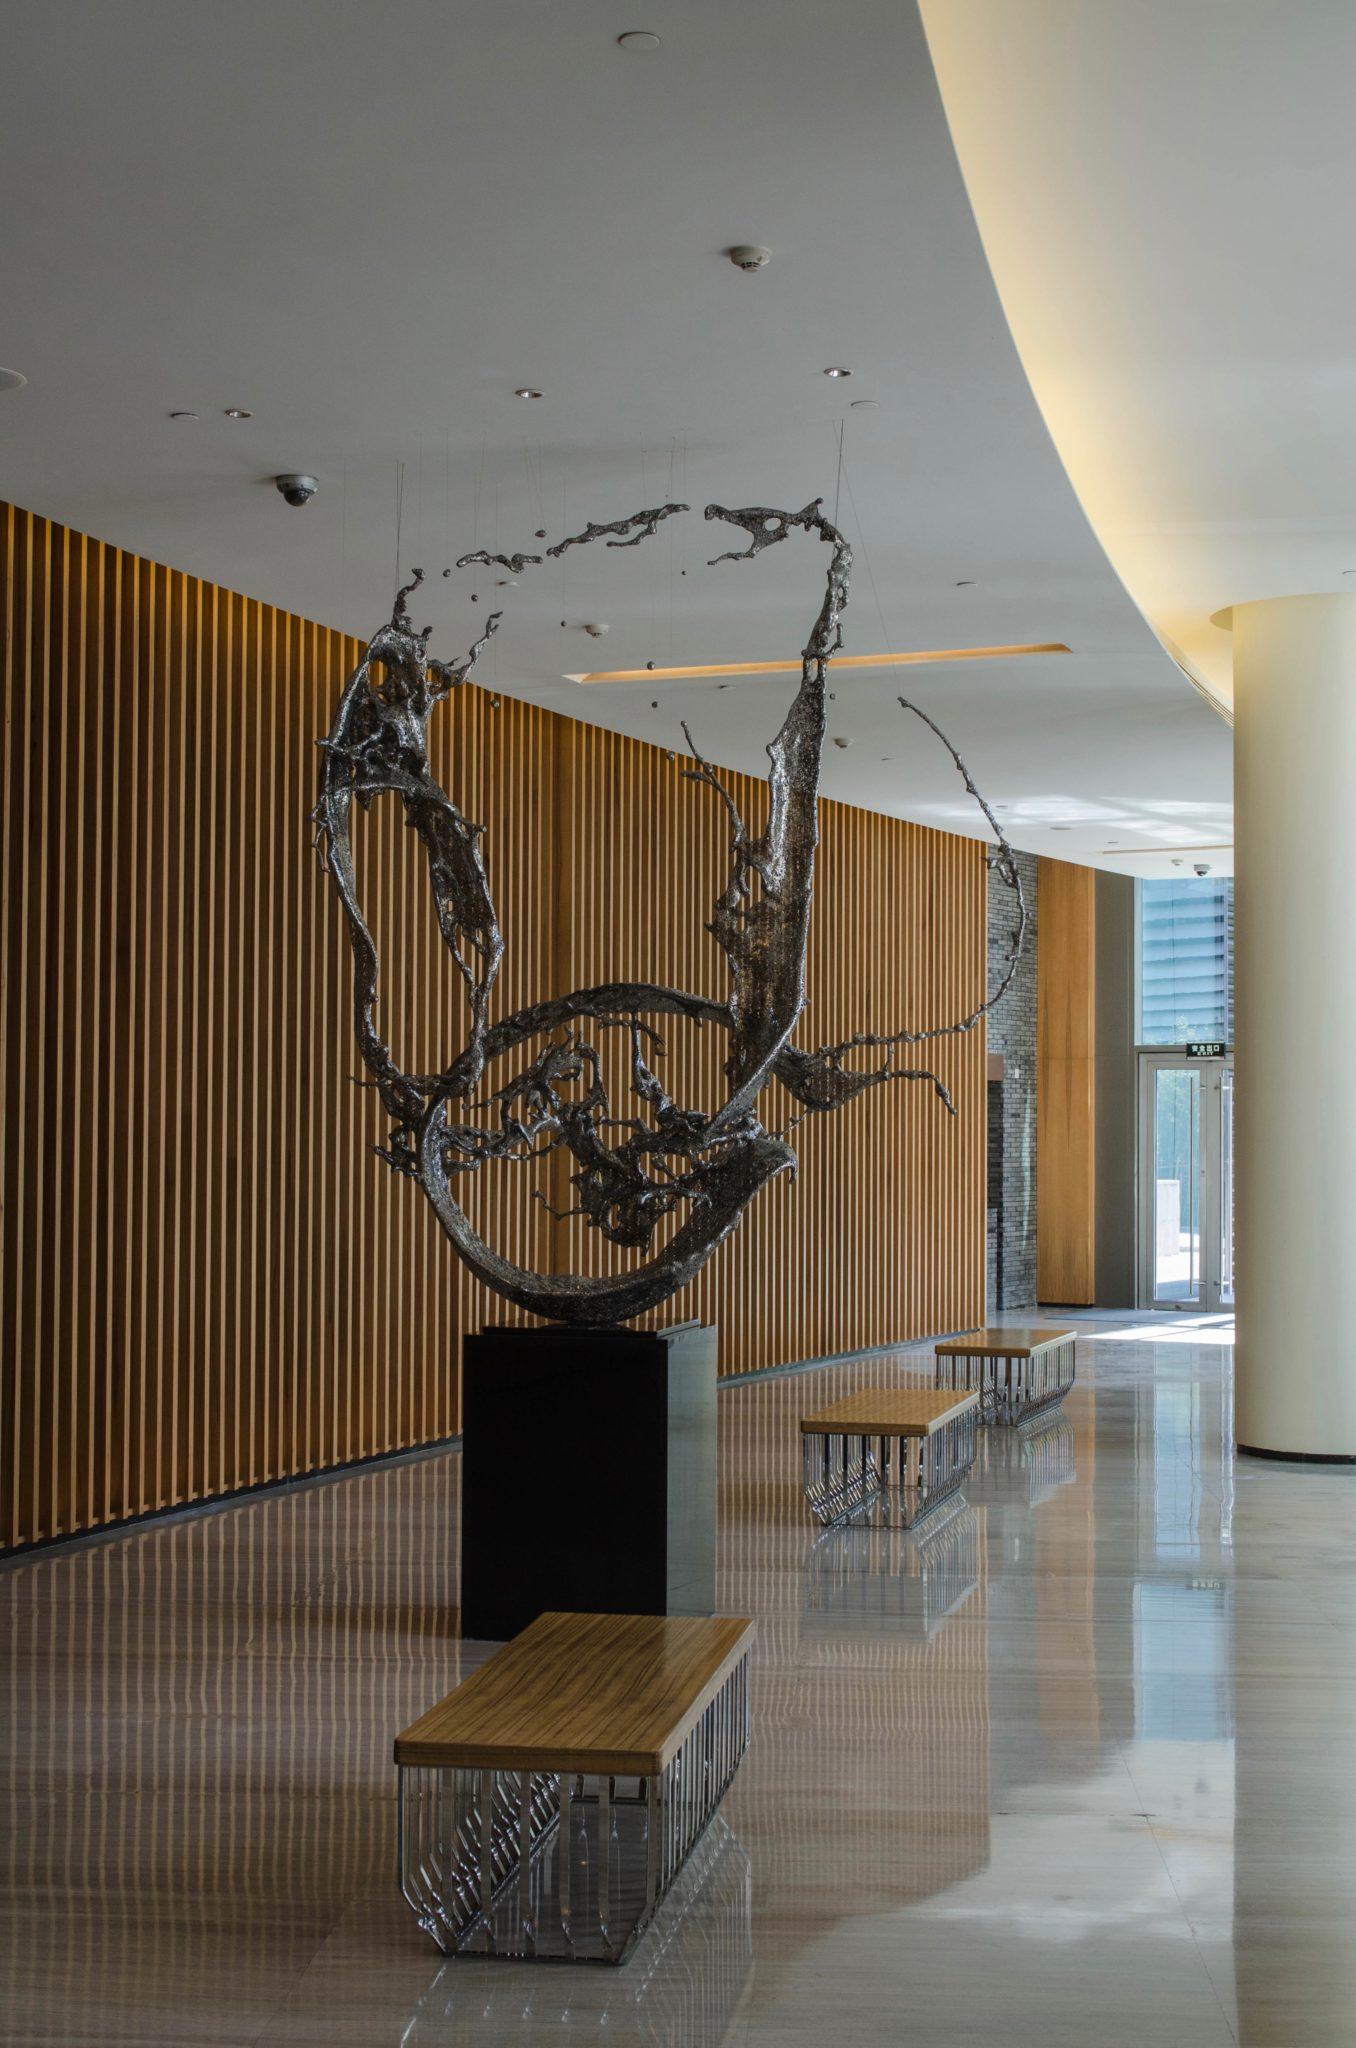 Das Foyer des Hotels in Peking ist voller Kunstwerke